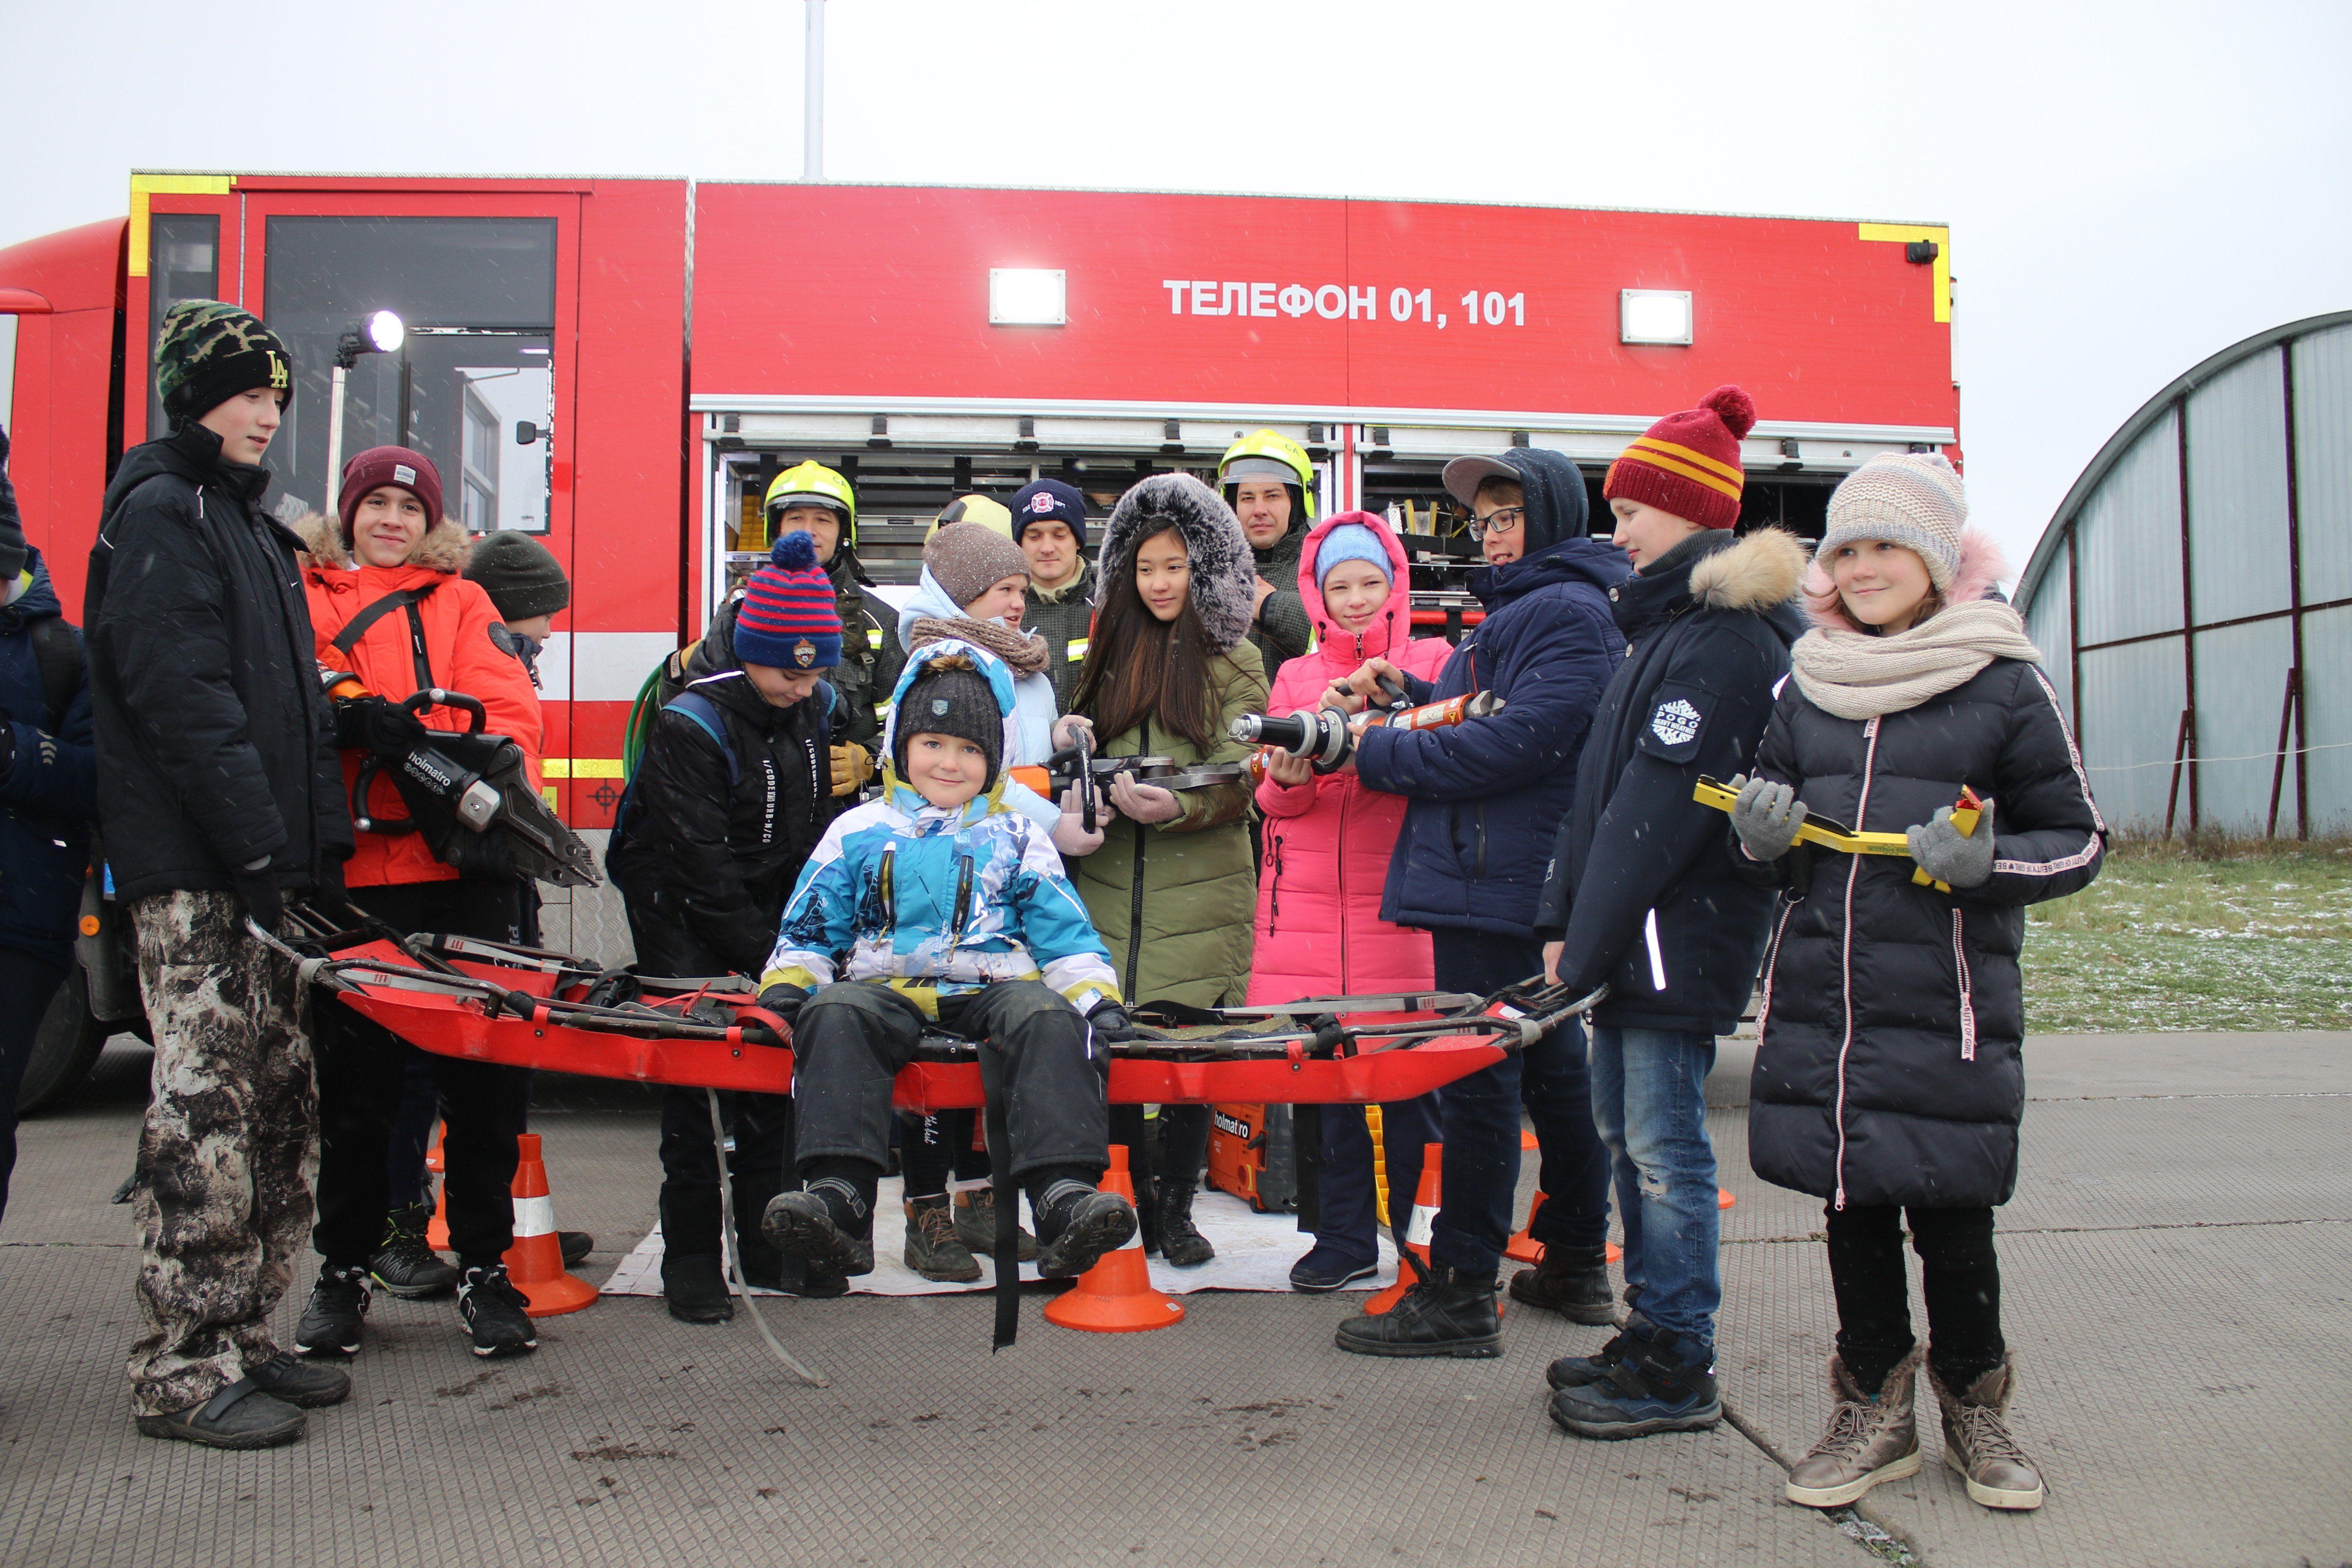 Растим кадры смолоду: пилоты и спасатели Московского авиацентра провели экскурсию на аэродроме Остафьево. Фото: пресс-служба Управления поТиНАОДепартаментаГОЧСиПБ